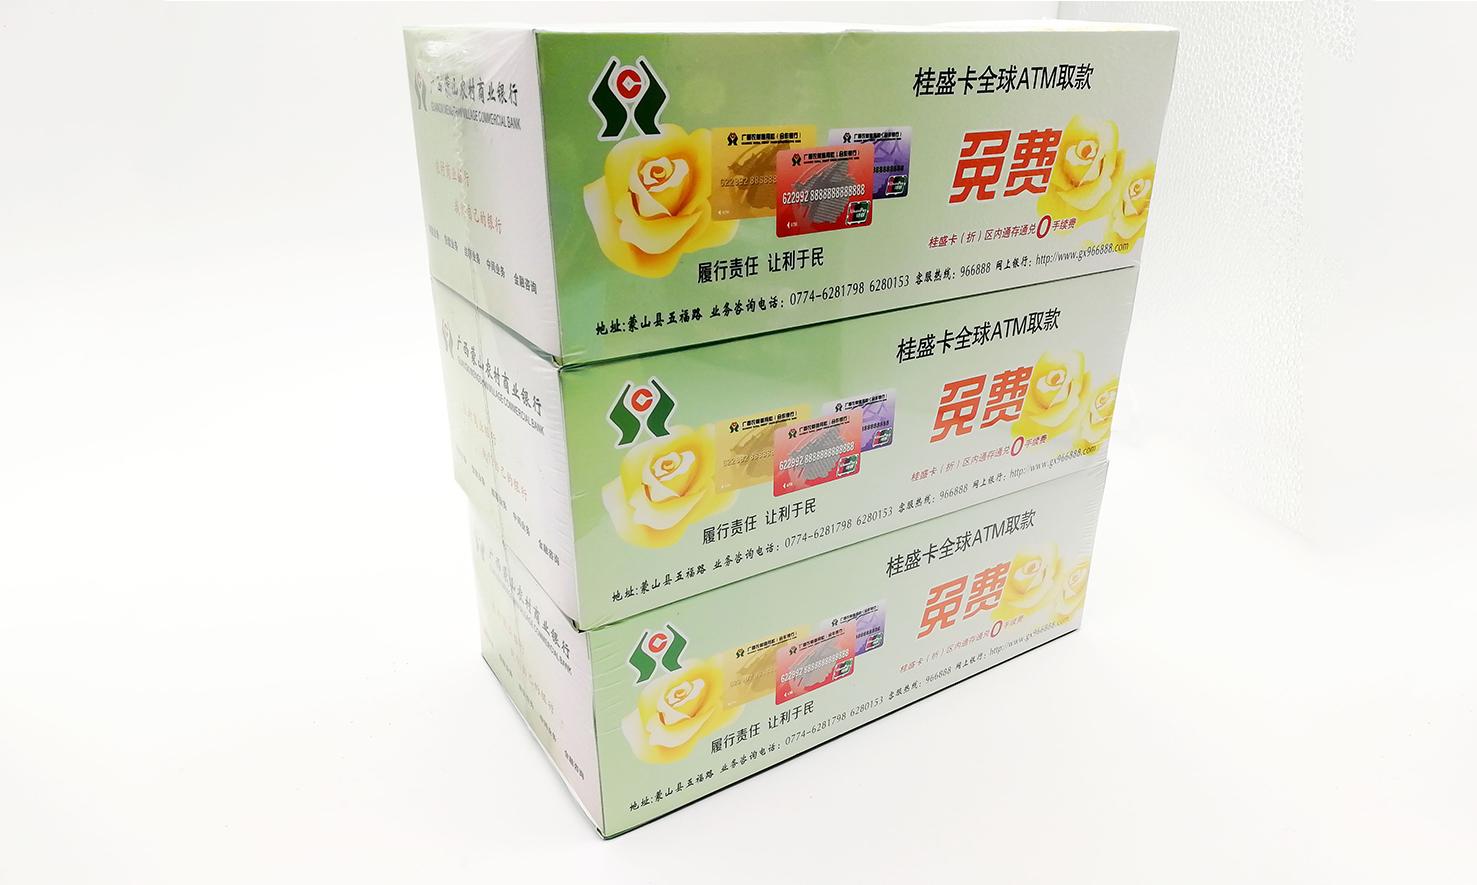 蒙山农村商业银行广告盒抽纸巾